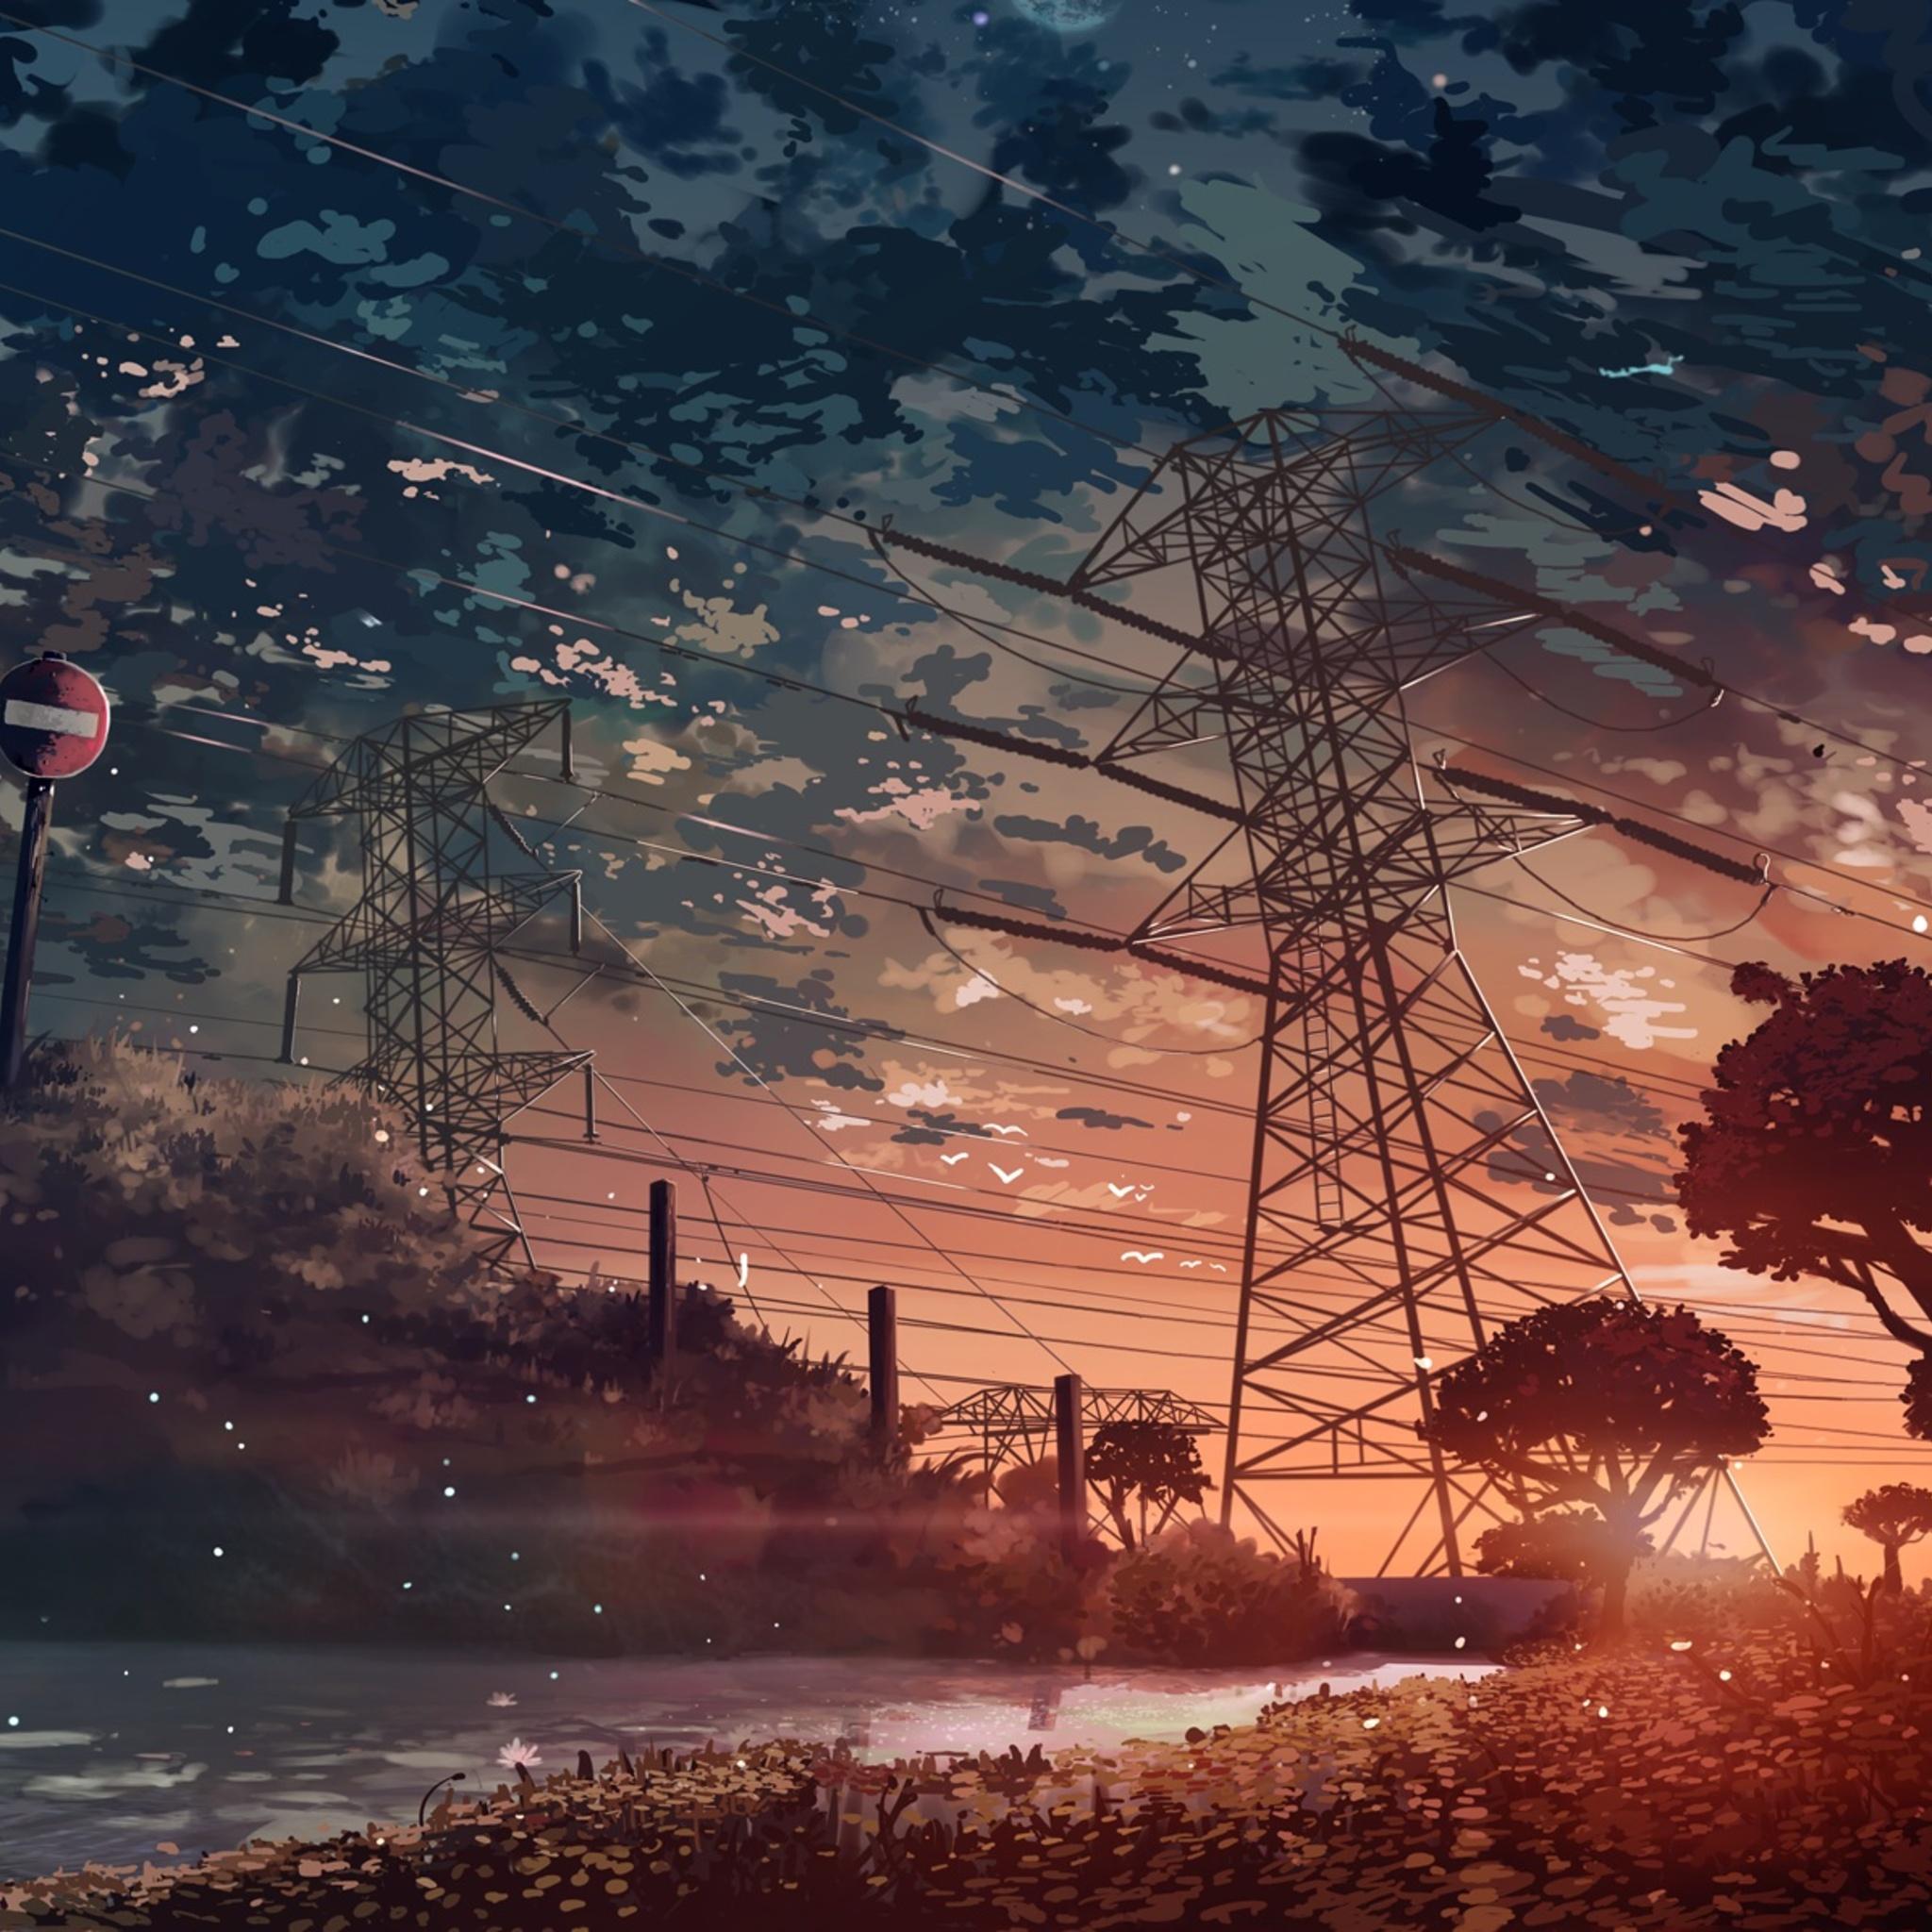 anime-landscape-d5.jpg